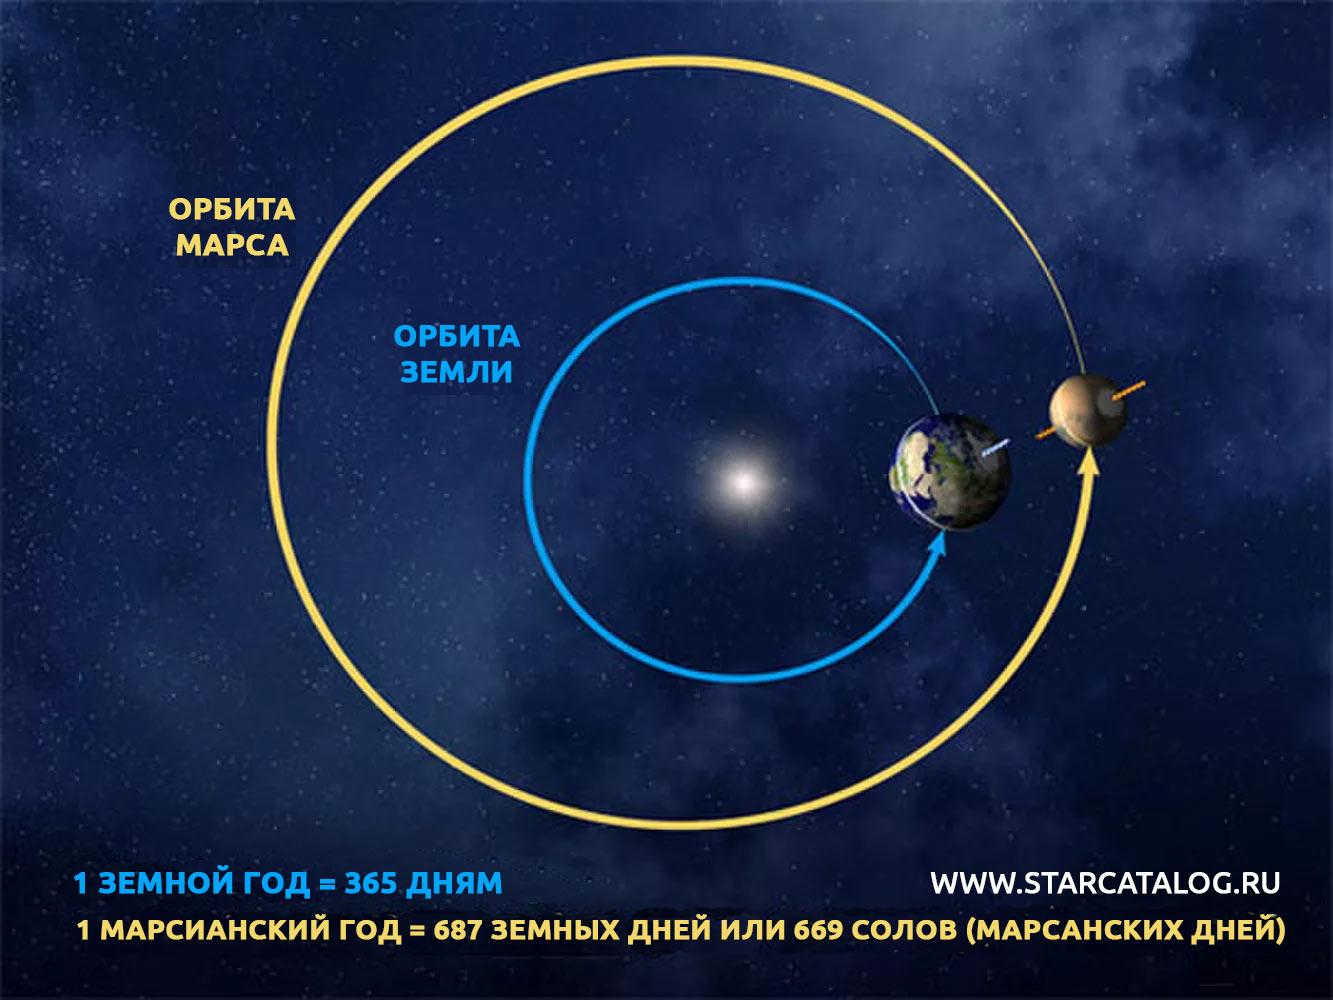 Орбиты Земли и Марса. Как хорошо видно из схемы, центр орбиты Марса значительно смещен, сама орбита совсем не похожа на идеальный круг